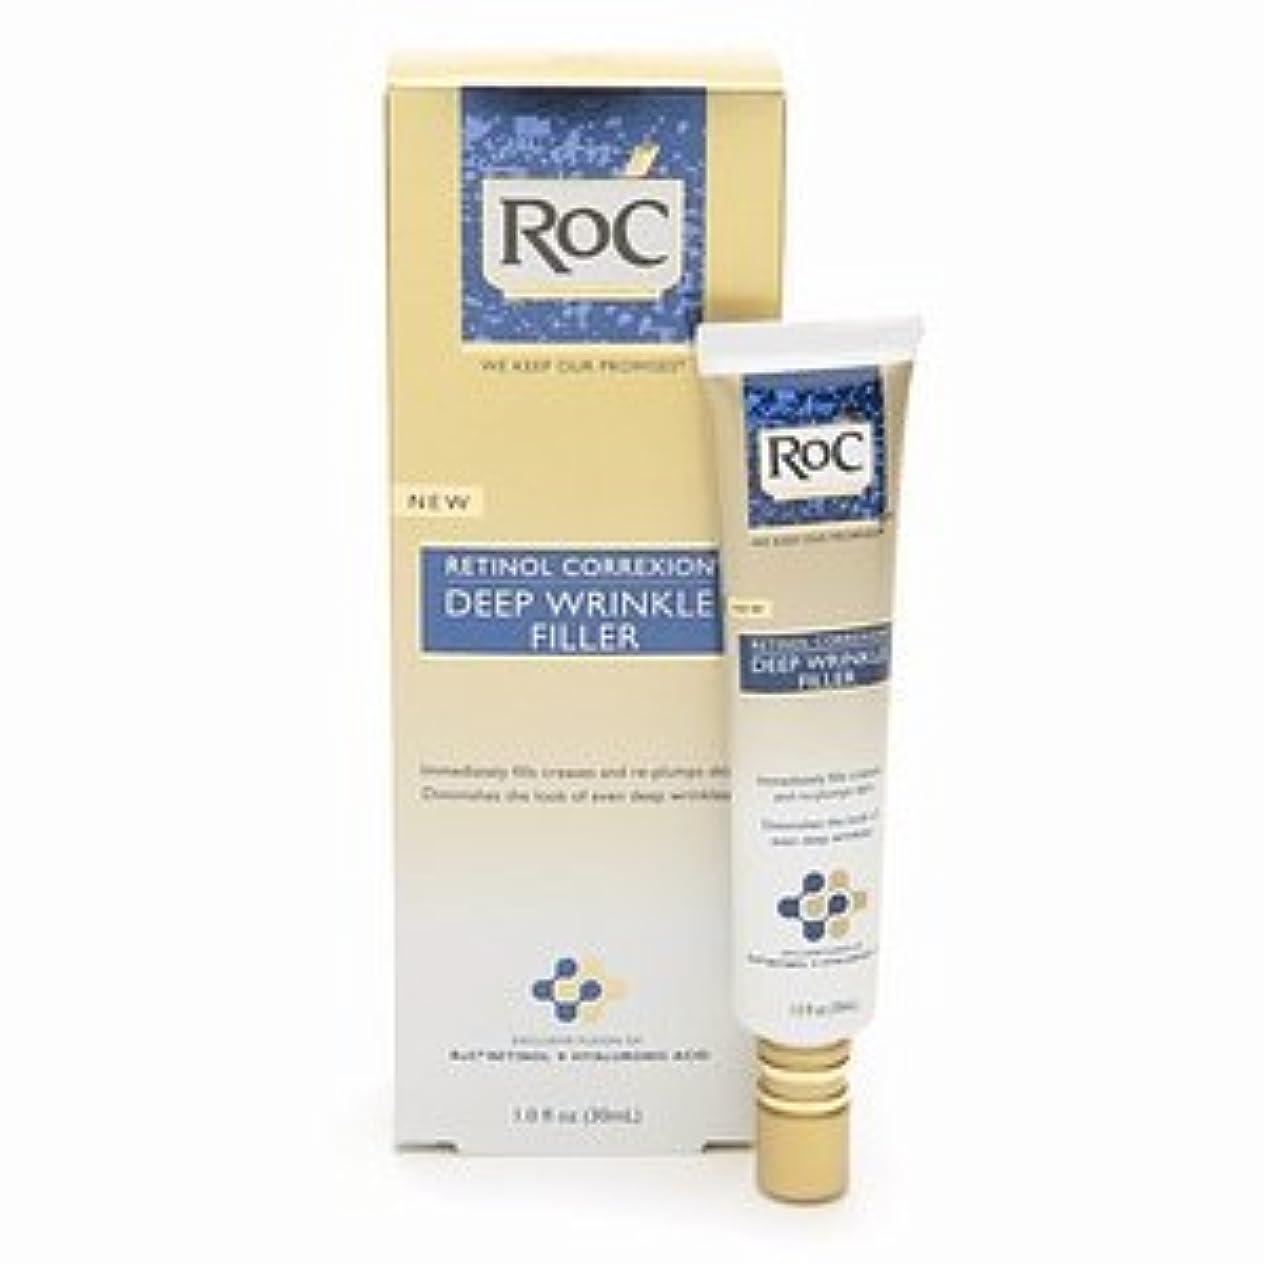 白雪姫ペインギリック遠えRoC レチノール コレクション ディープリンクル フィラー RoC Retinol Correxion Deep Wrinkle Filler